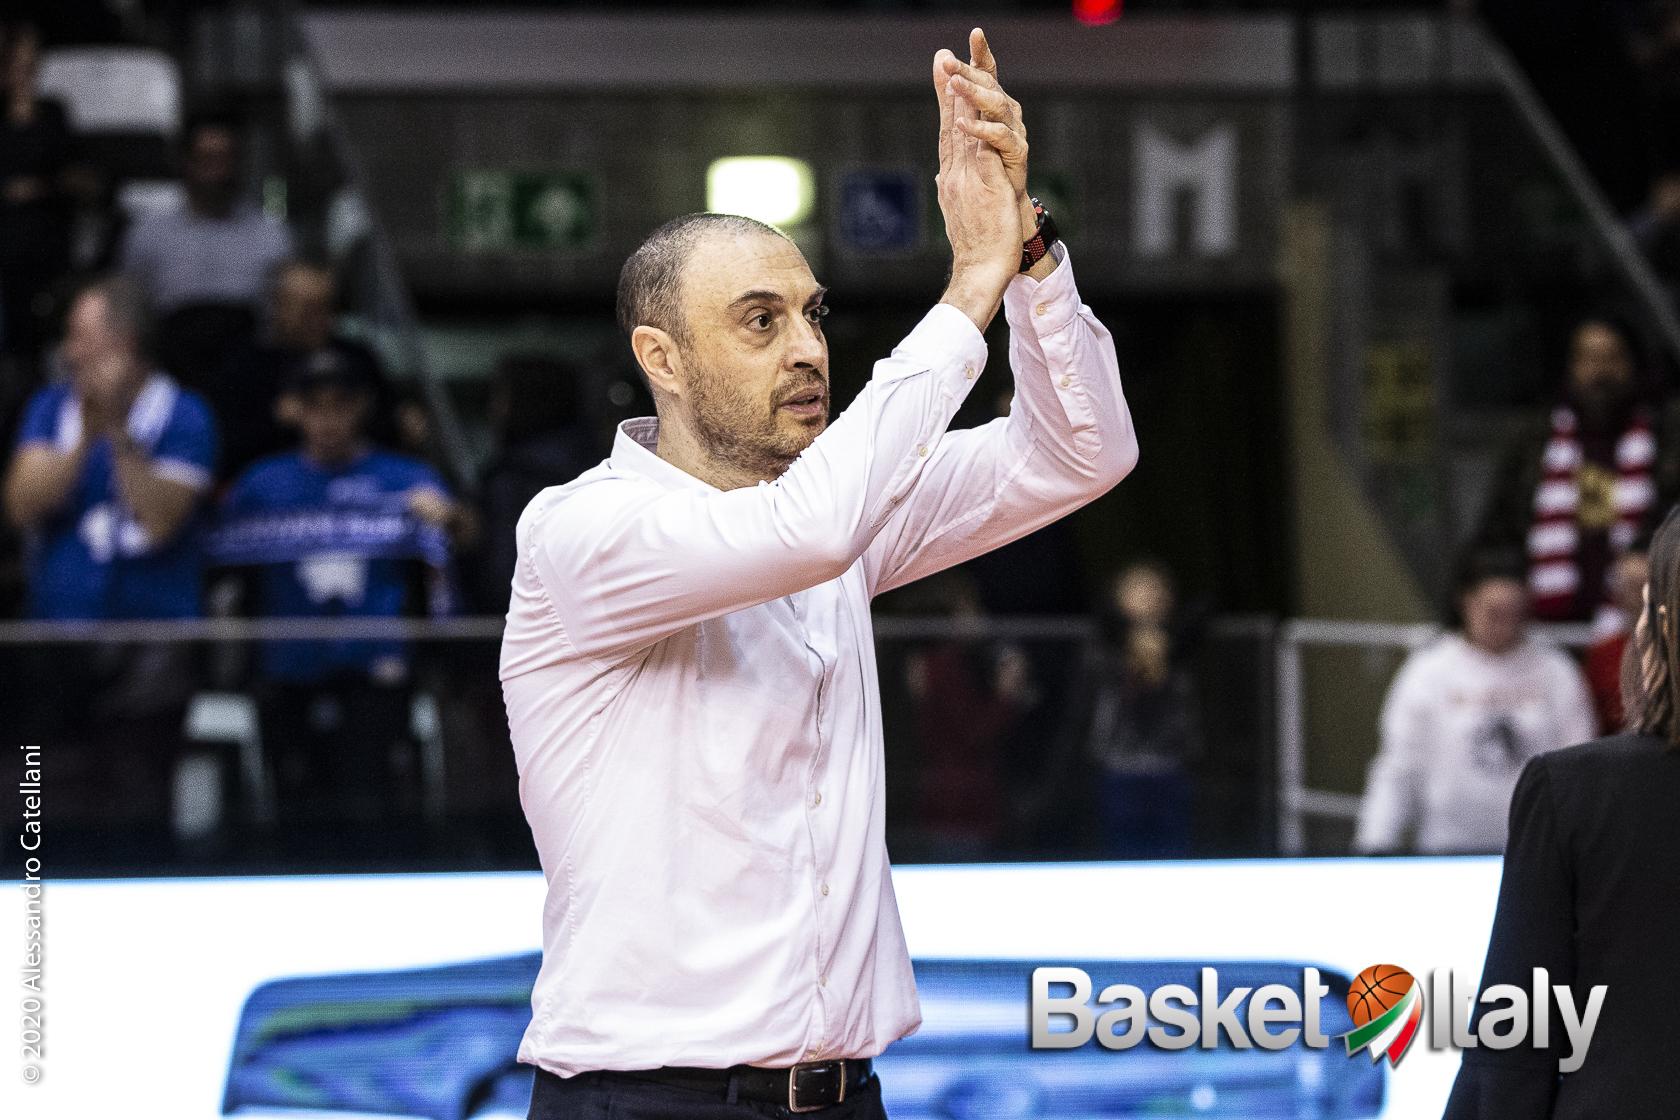 """Eurocup – Brescia, coach Esposito: """"Lottato per 40 minuti. Così per riconquistare fiducia in noi stessi"""""""